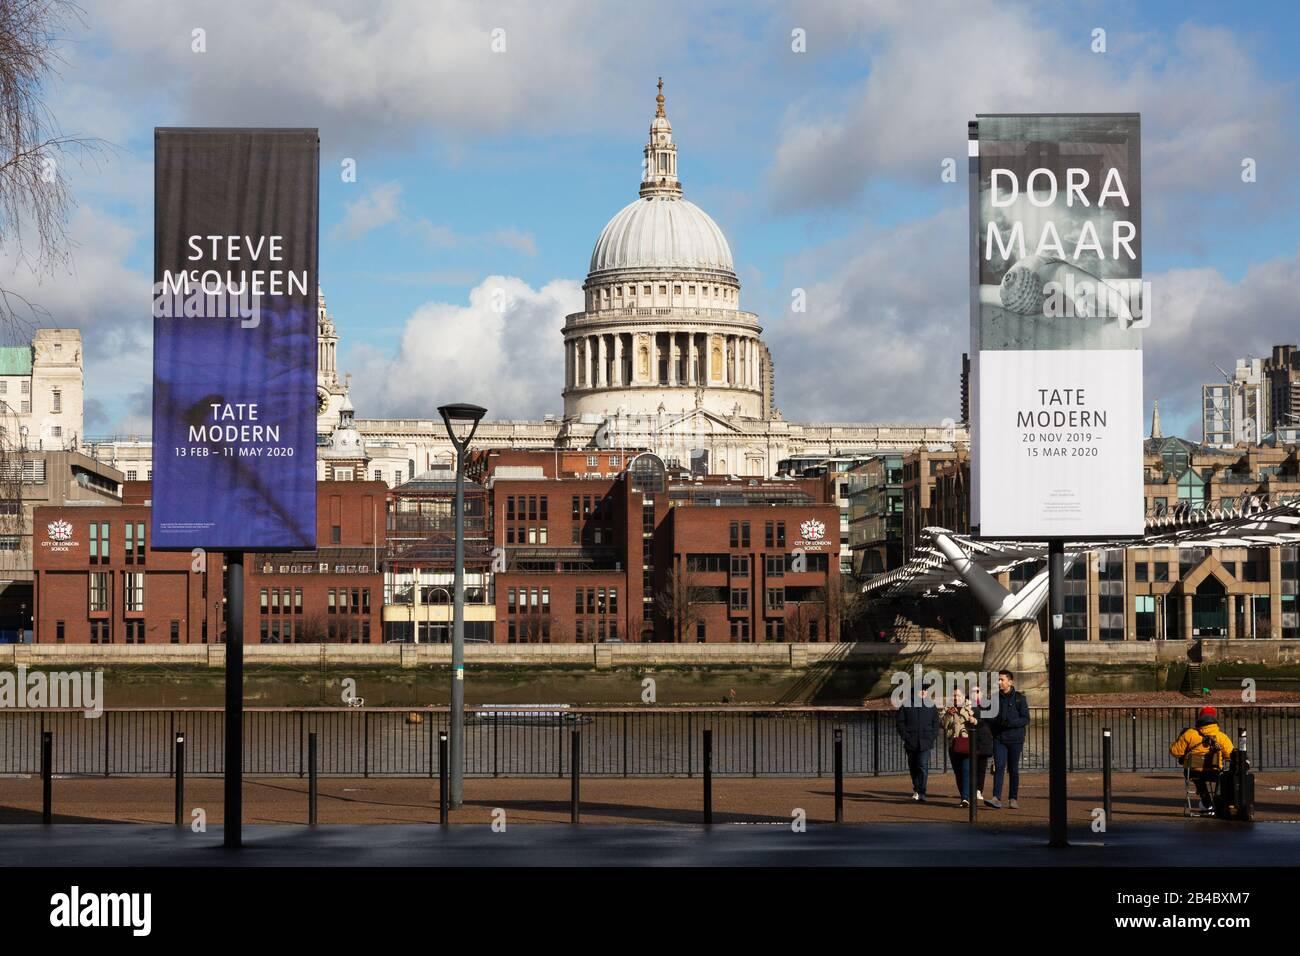 London South Bank - St Pauls Cathedral, flankiert von Schildern zur Tate Modern Art Gallery und zur Themse, South Bank, London UK Stockfoto